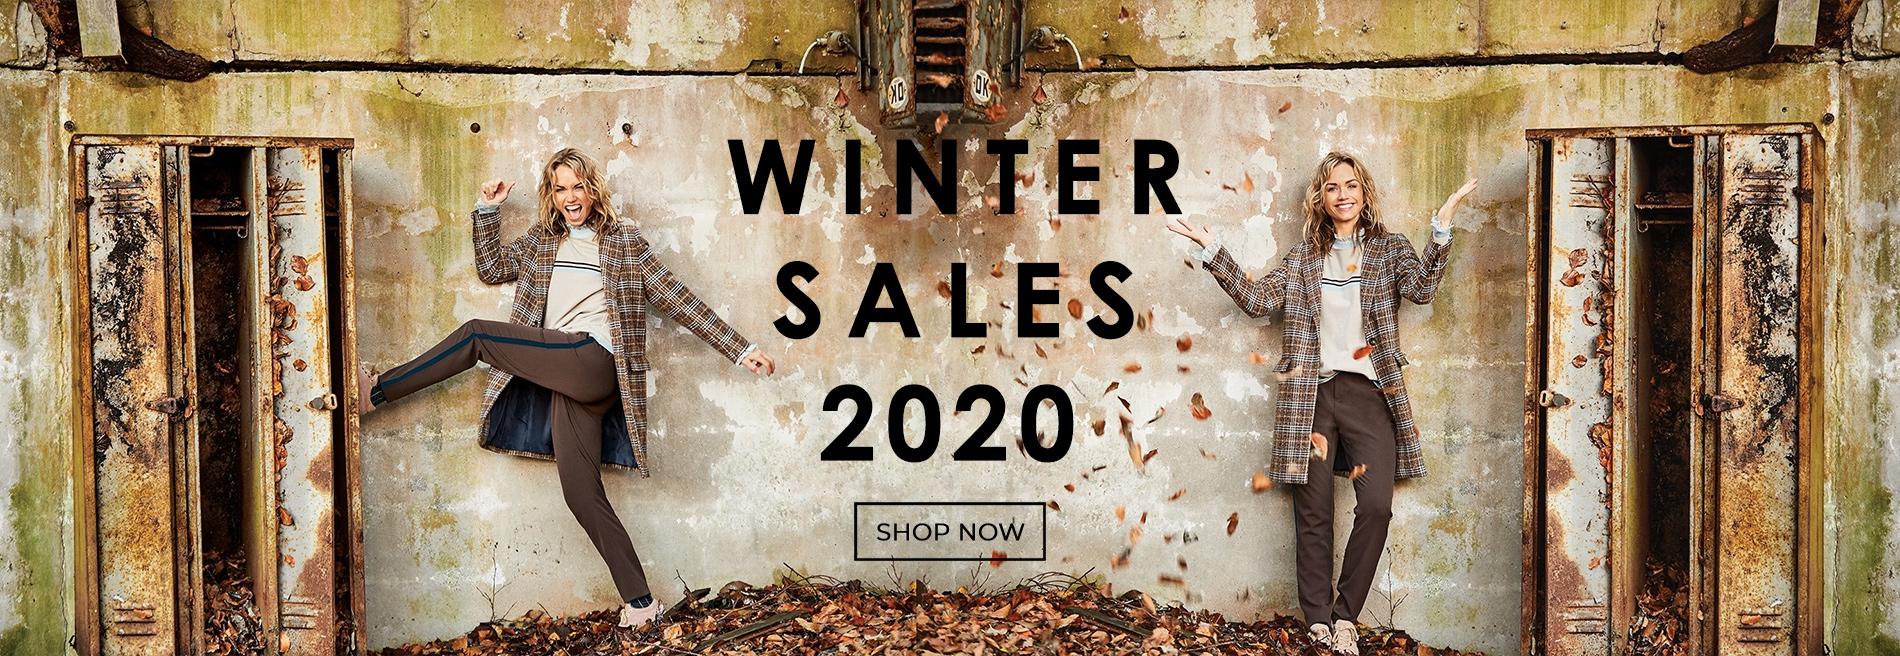 Χειμερινές Εκπτώσεις 2020